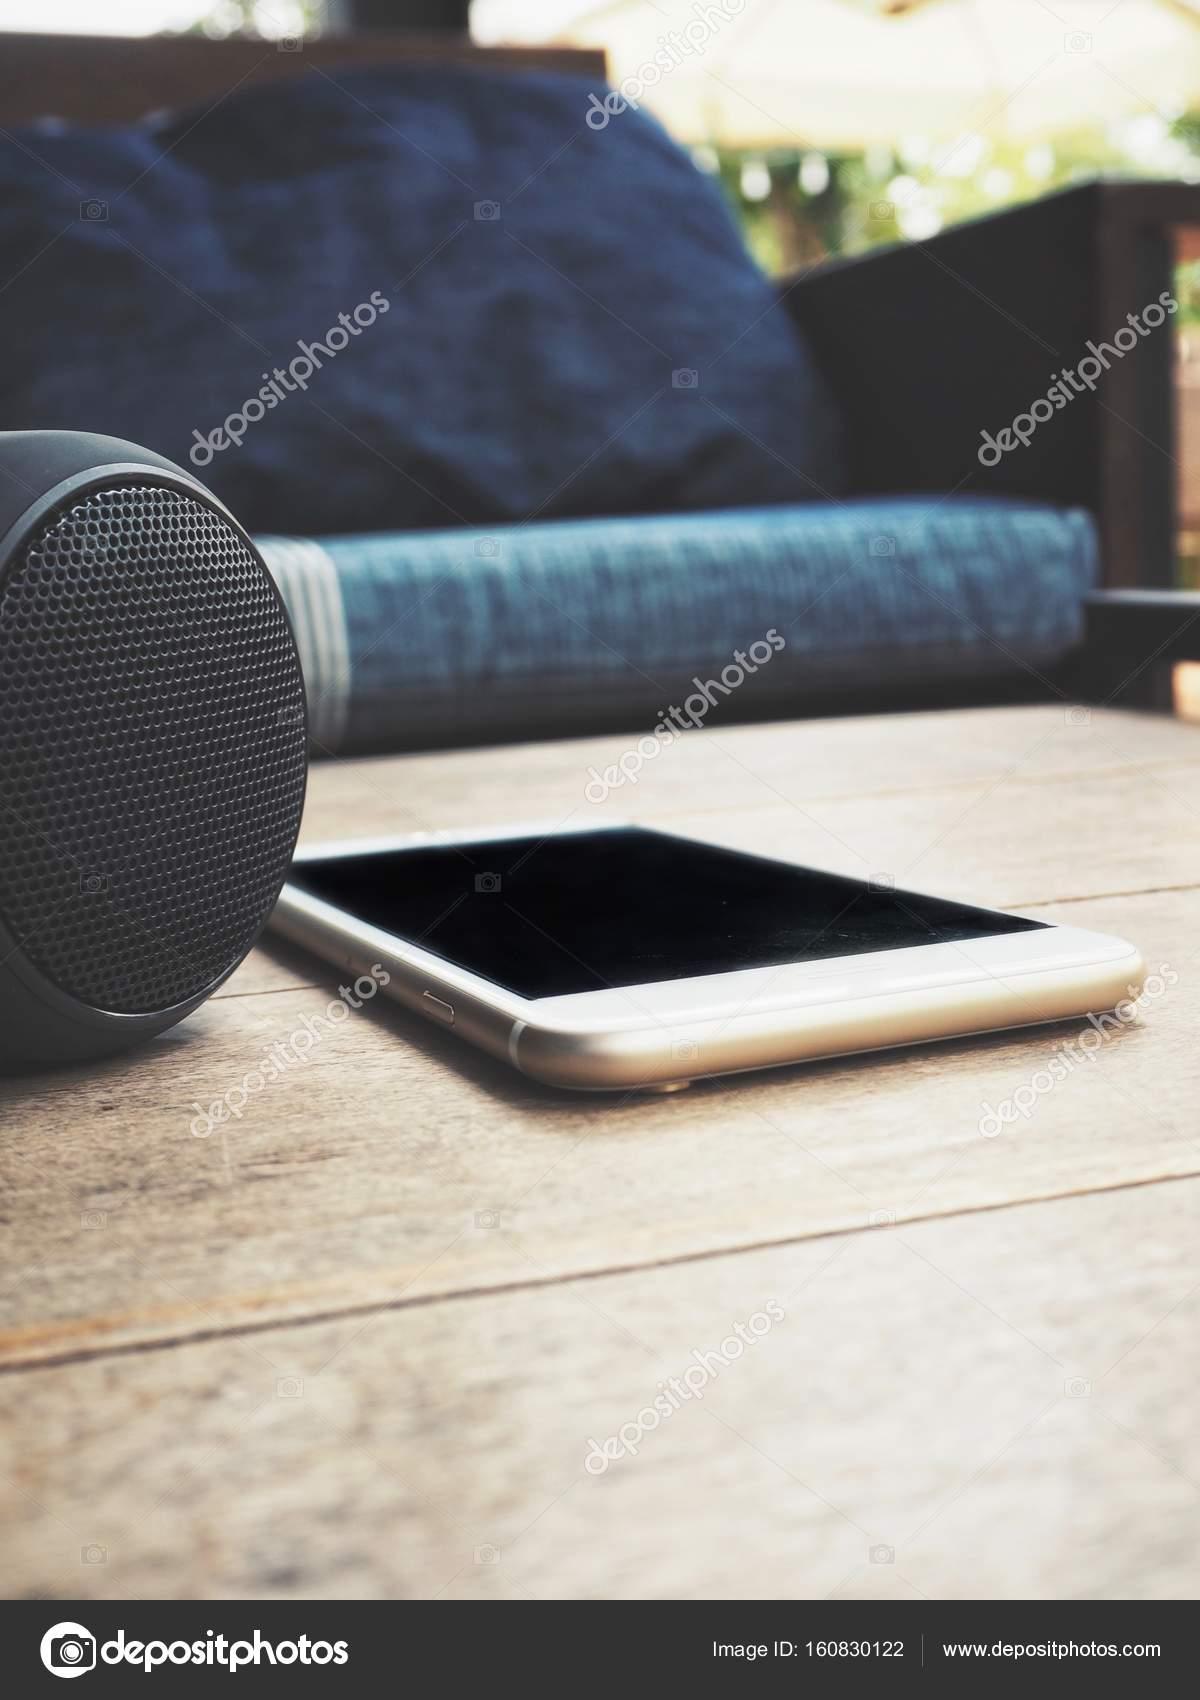 Full Size of Sofa Mit Musikboxen Smartphone Und Bluetooth Lautsprecher Liegt Auf Tisch Daheim Machalke Schlaf Kleine Dusche Hocker Günstiges Höffner Big Himolla Wohnzimmer Sofa Mit Musikboxen